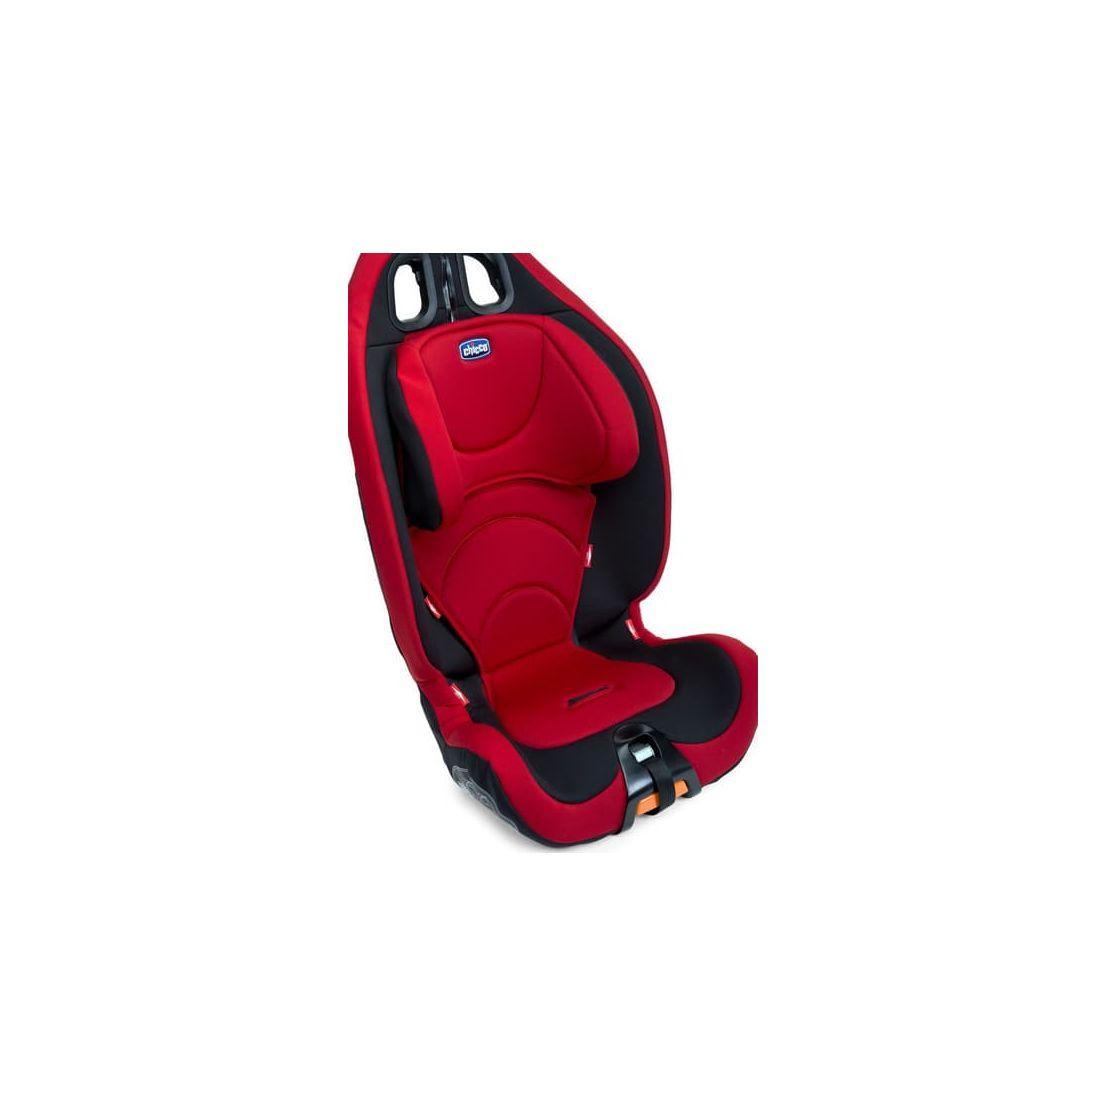 e31c7fd430c ΒΟΛΤΑ :: Καθισματα Αυτοκινητου :: Κατηγορία 1-3 :: Κάθισμα ...